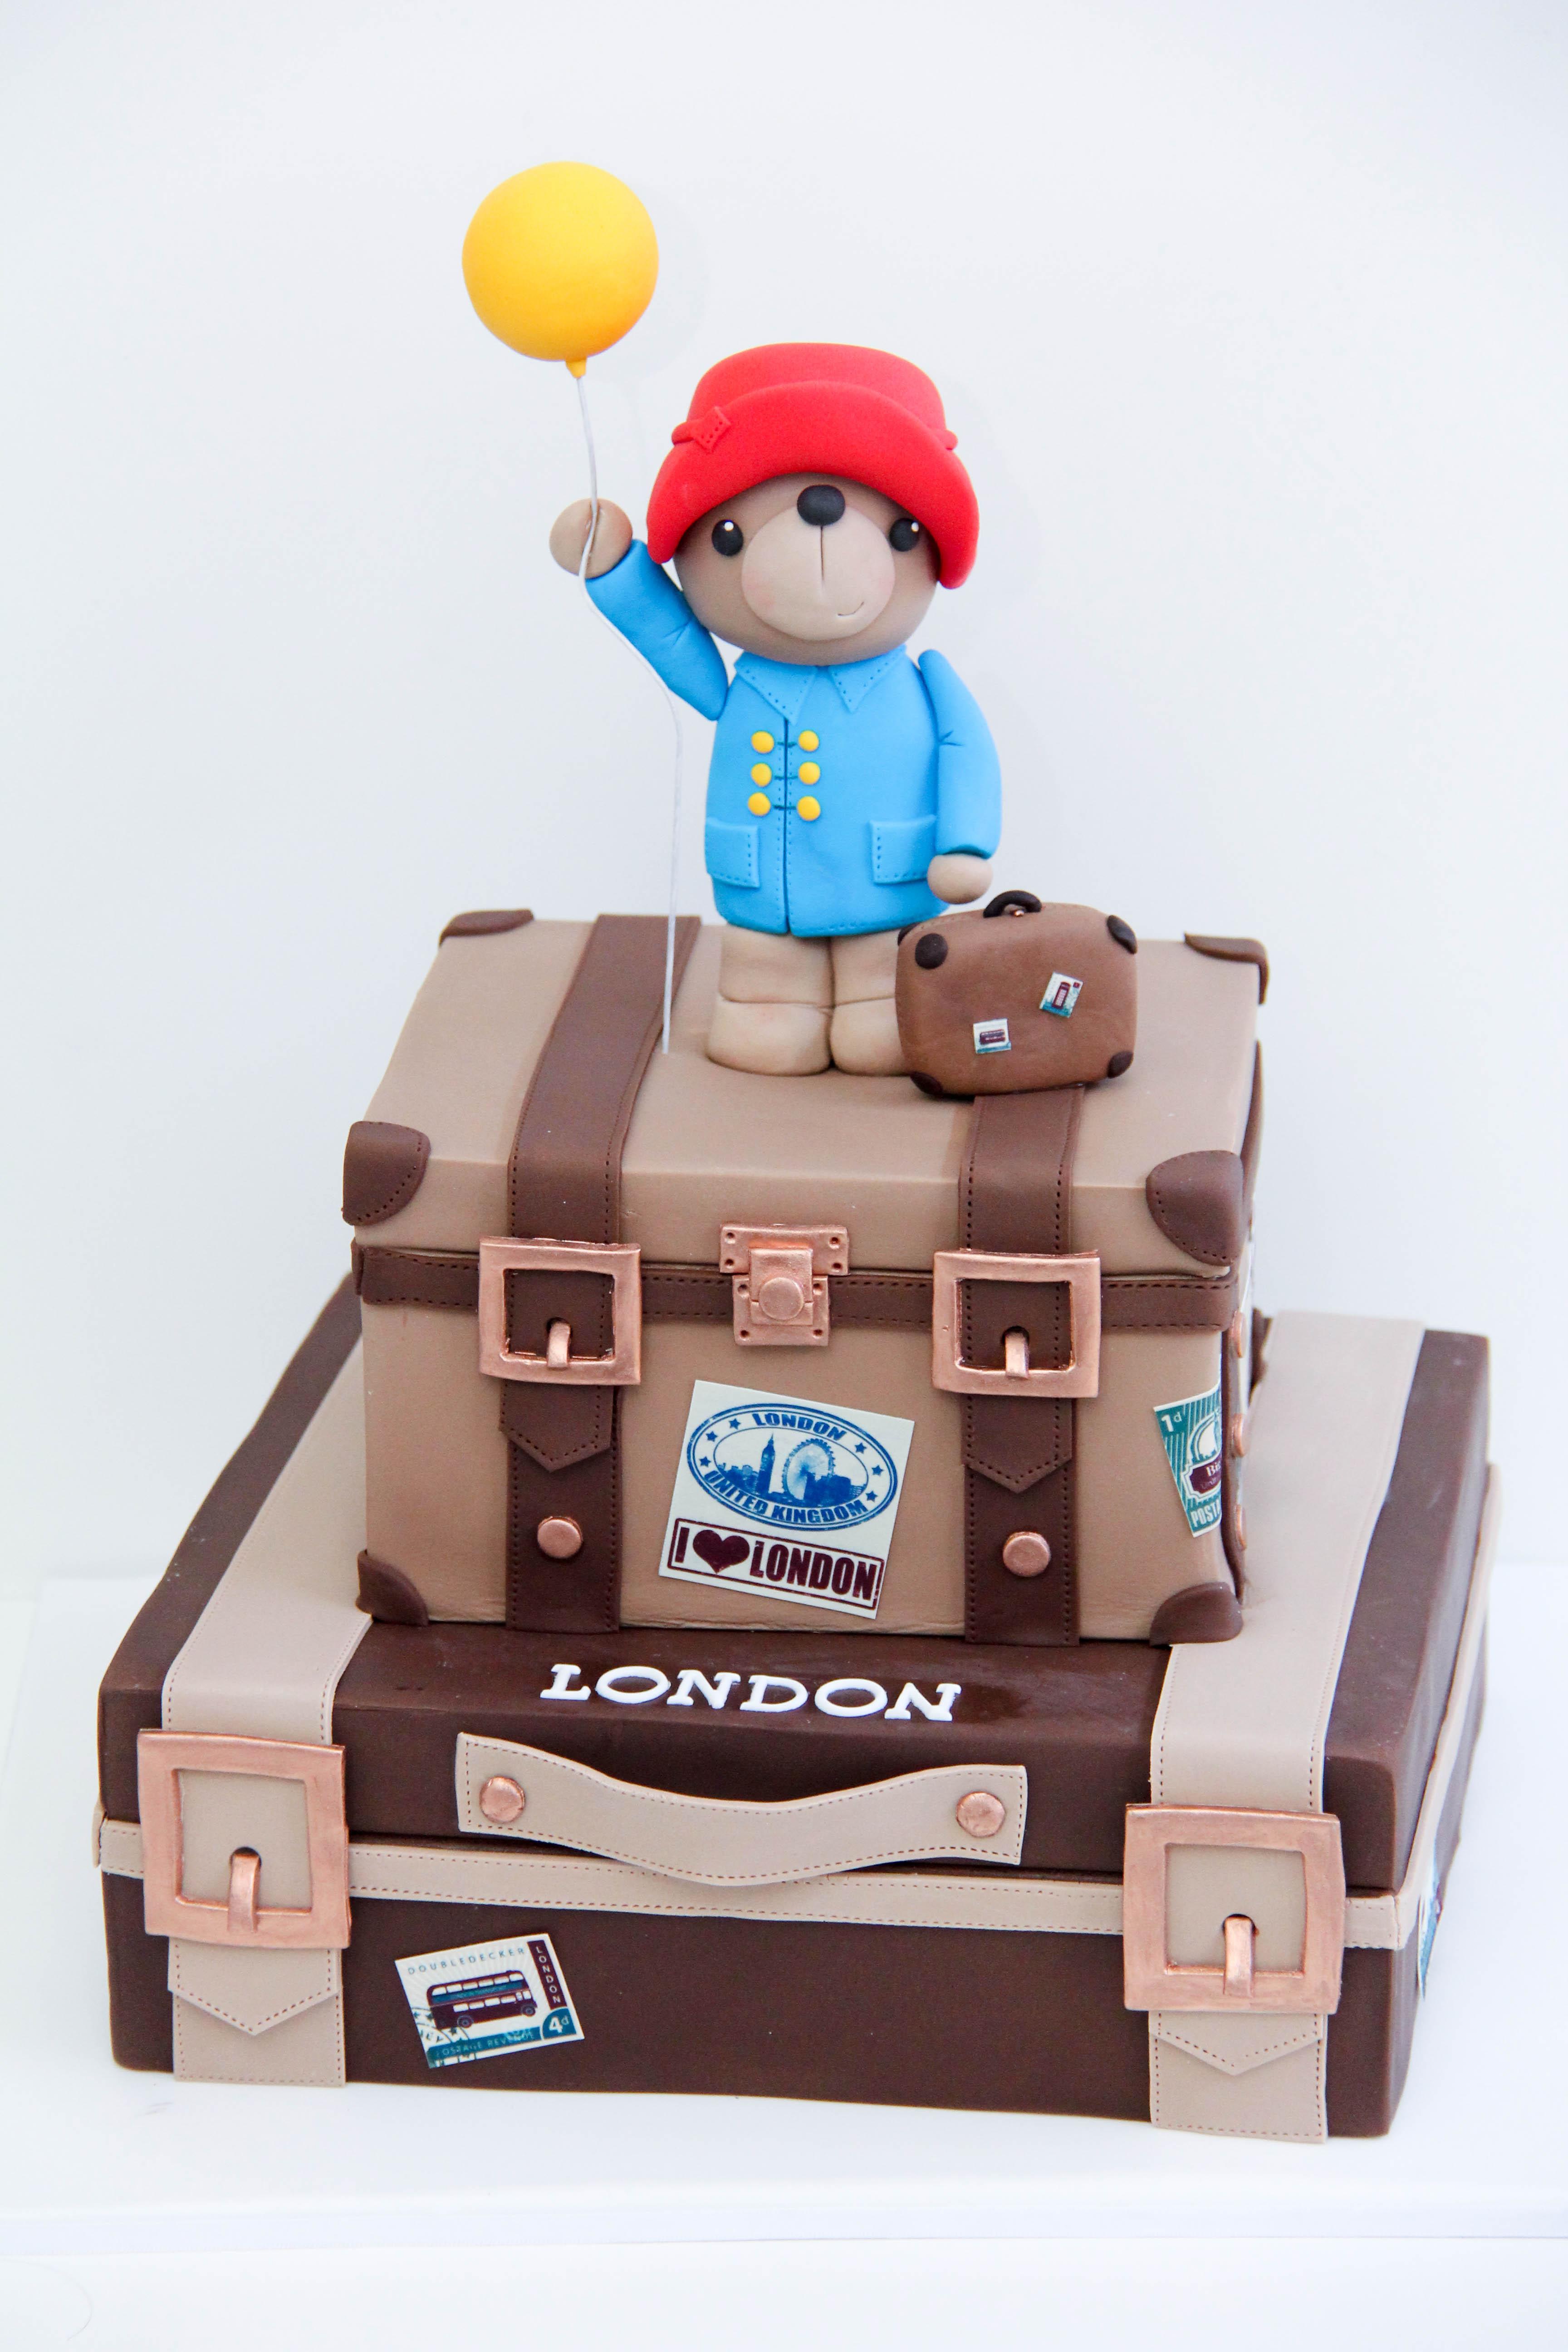 Paddington Bear suitcase cake